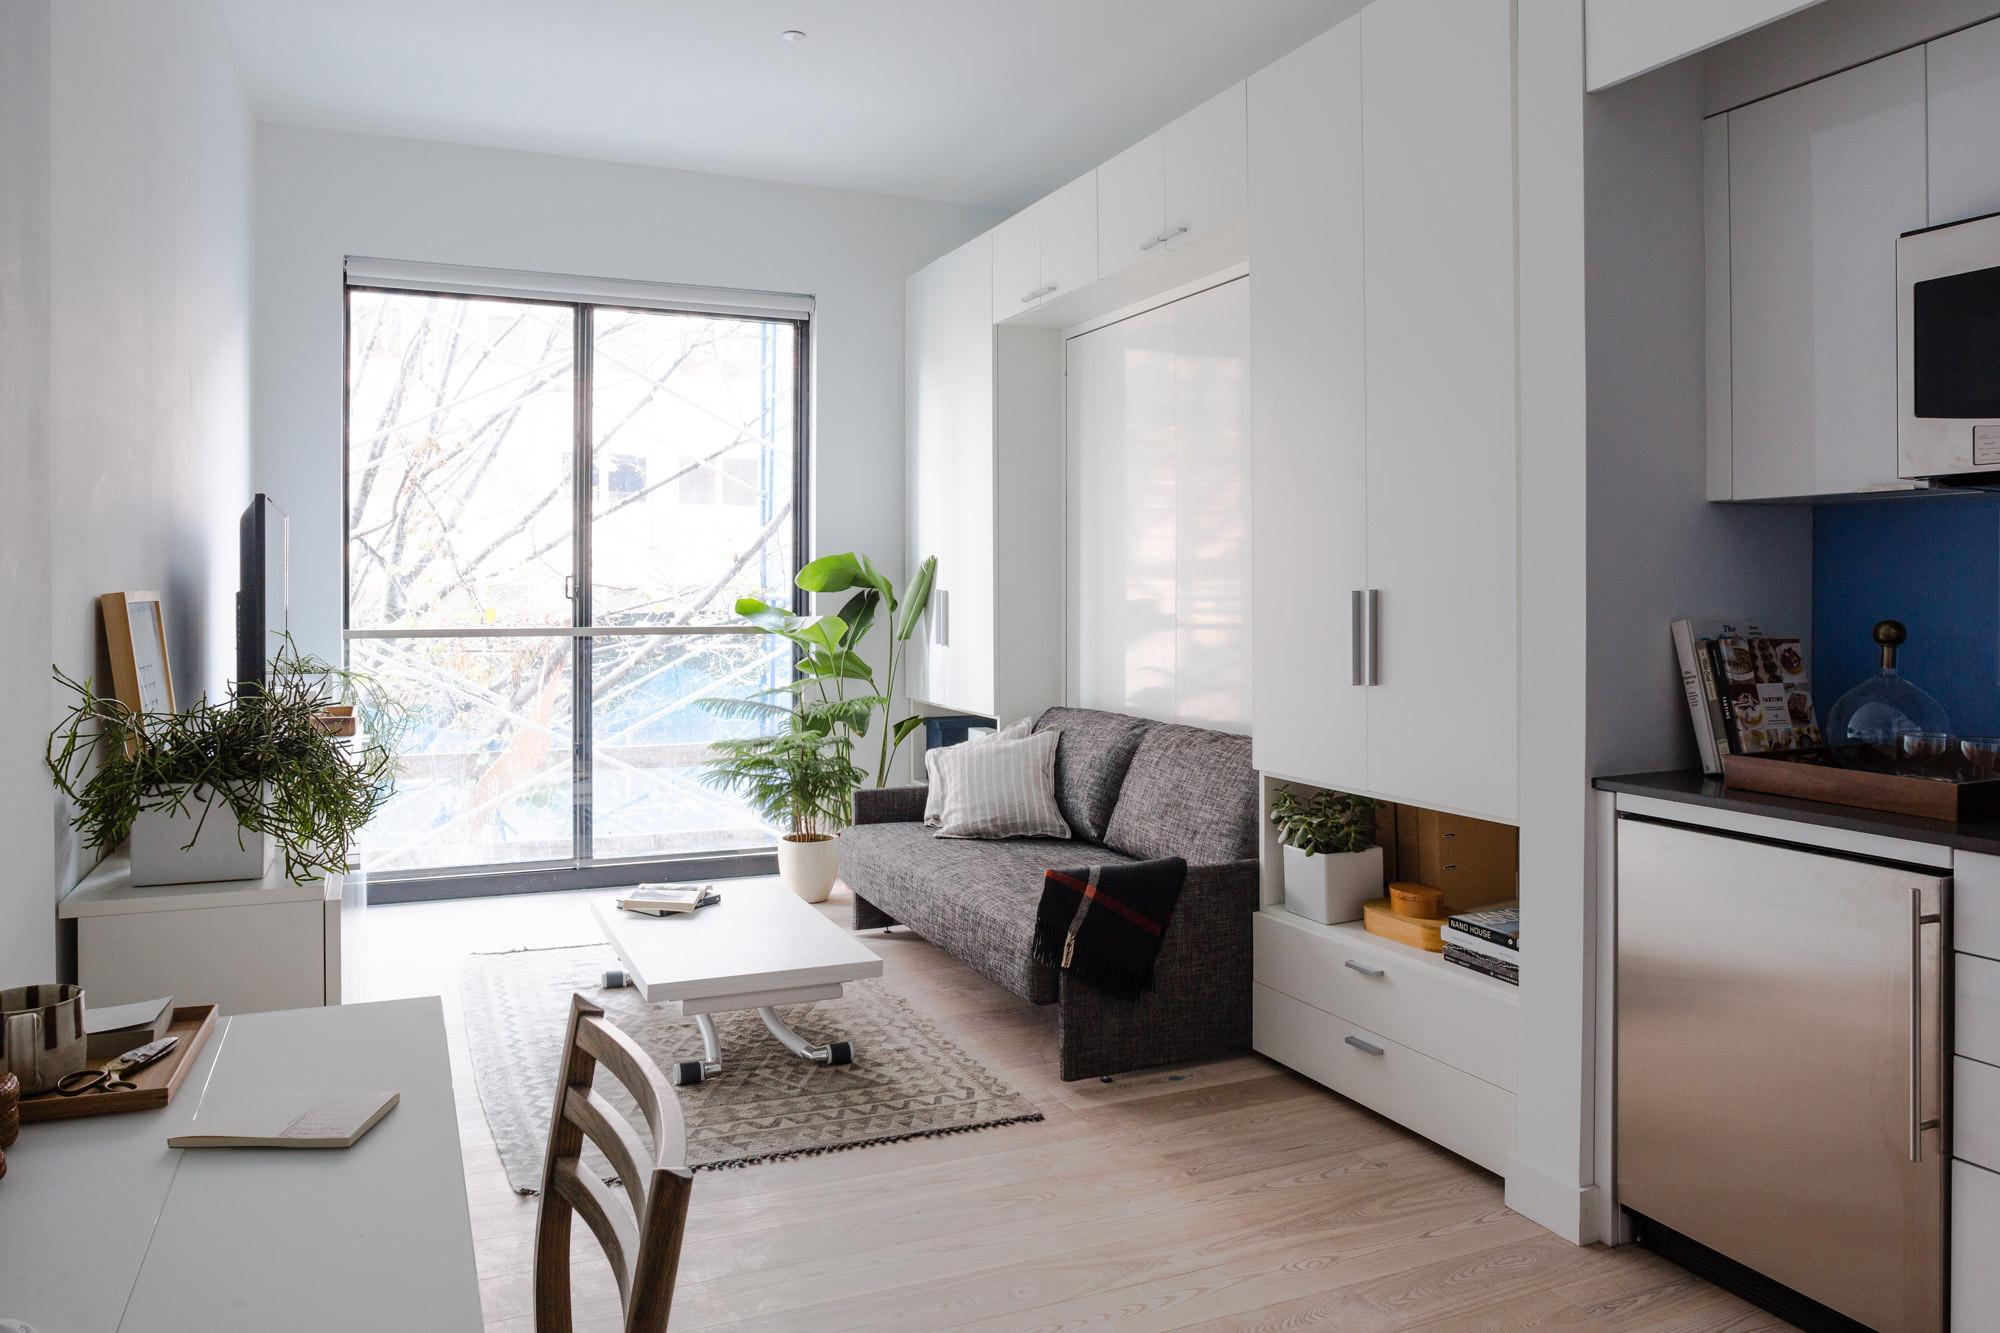 Интерьер квартиры студии светлый